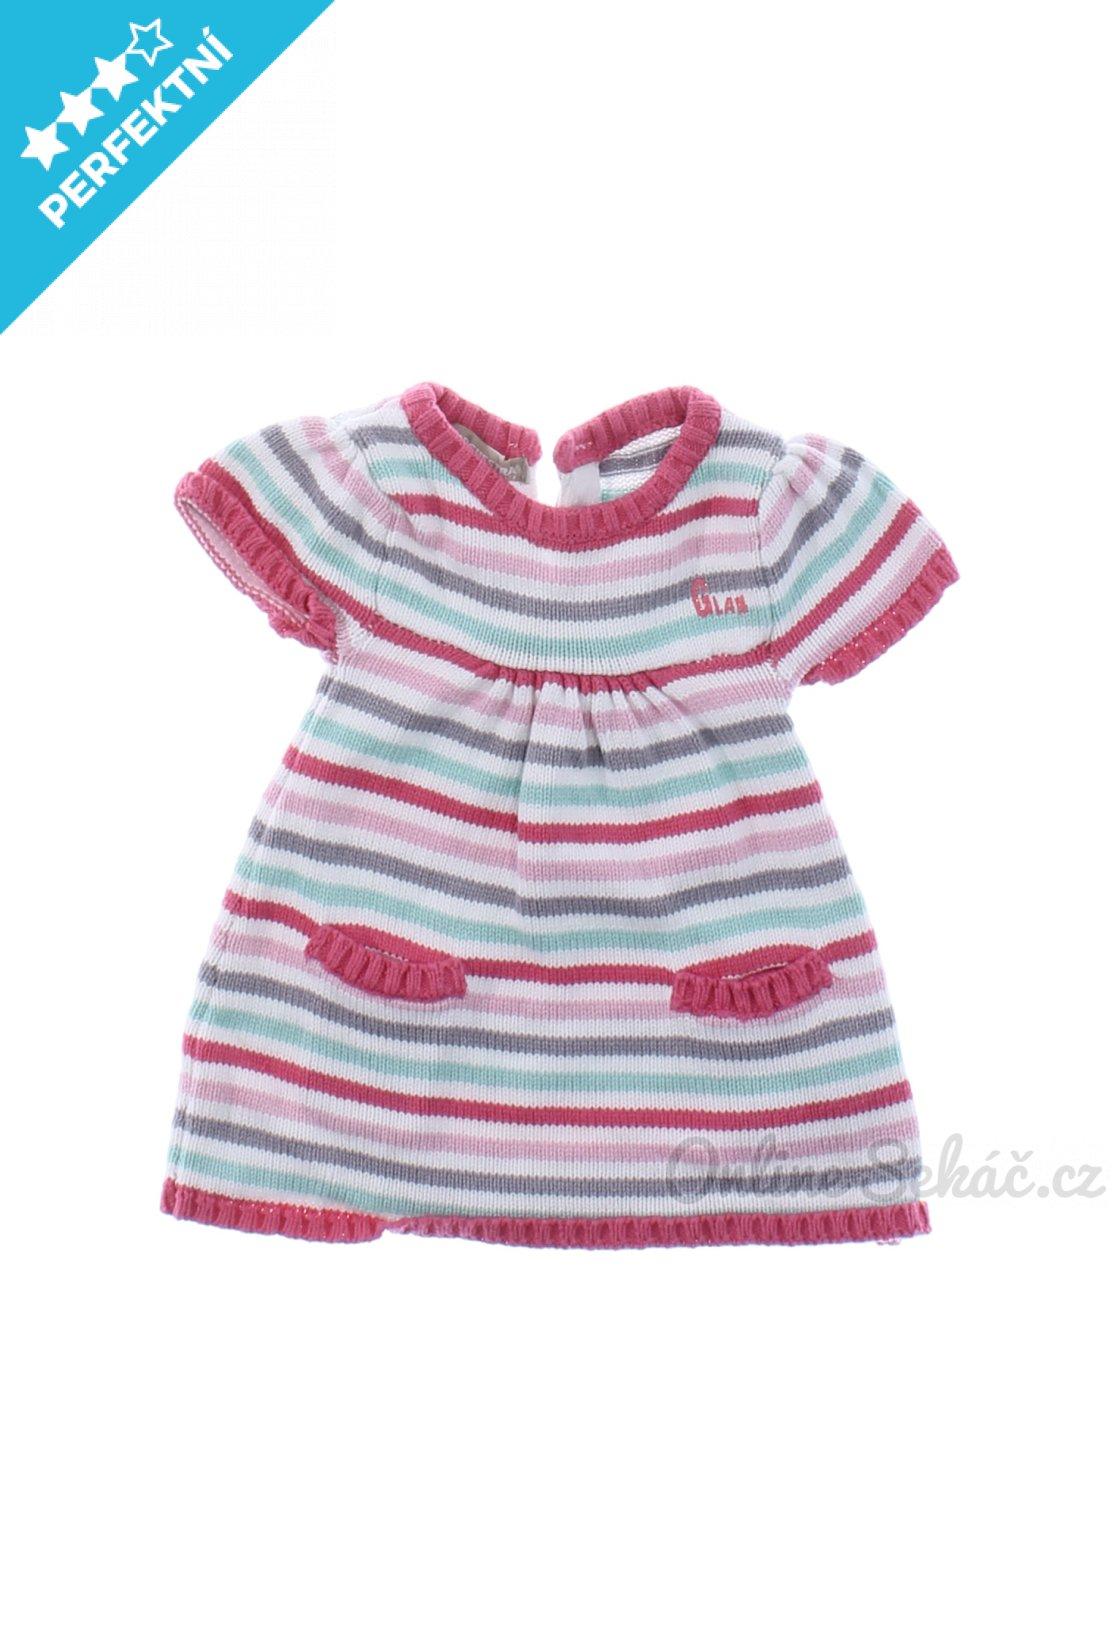 d4adf463a815 Kojenecké úpletové šaty ORCHESTRA 68